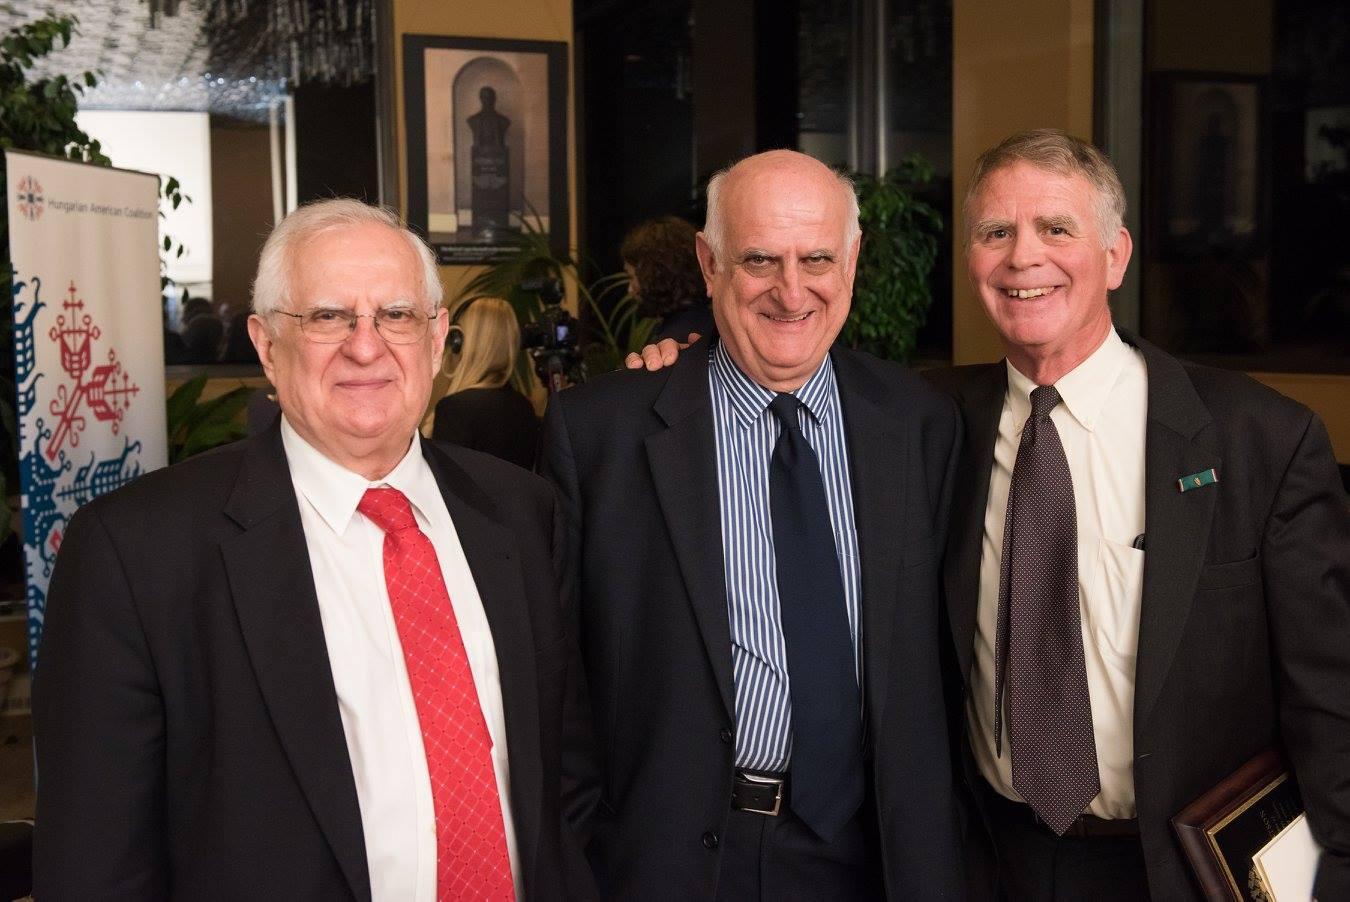 Coaliton Treasurer Mr. Zsolt Szekeres, Coalition Program Coordinator Mr. János Szekeres, Ambassador Thomas Robertson